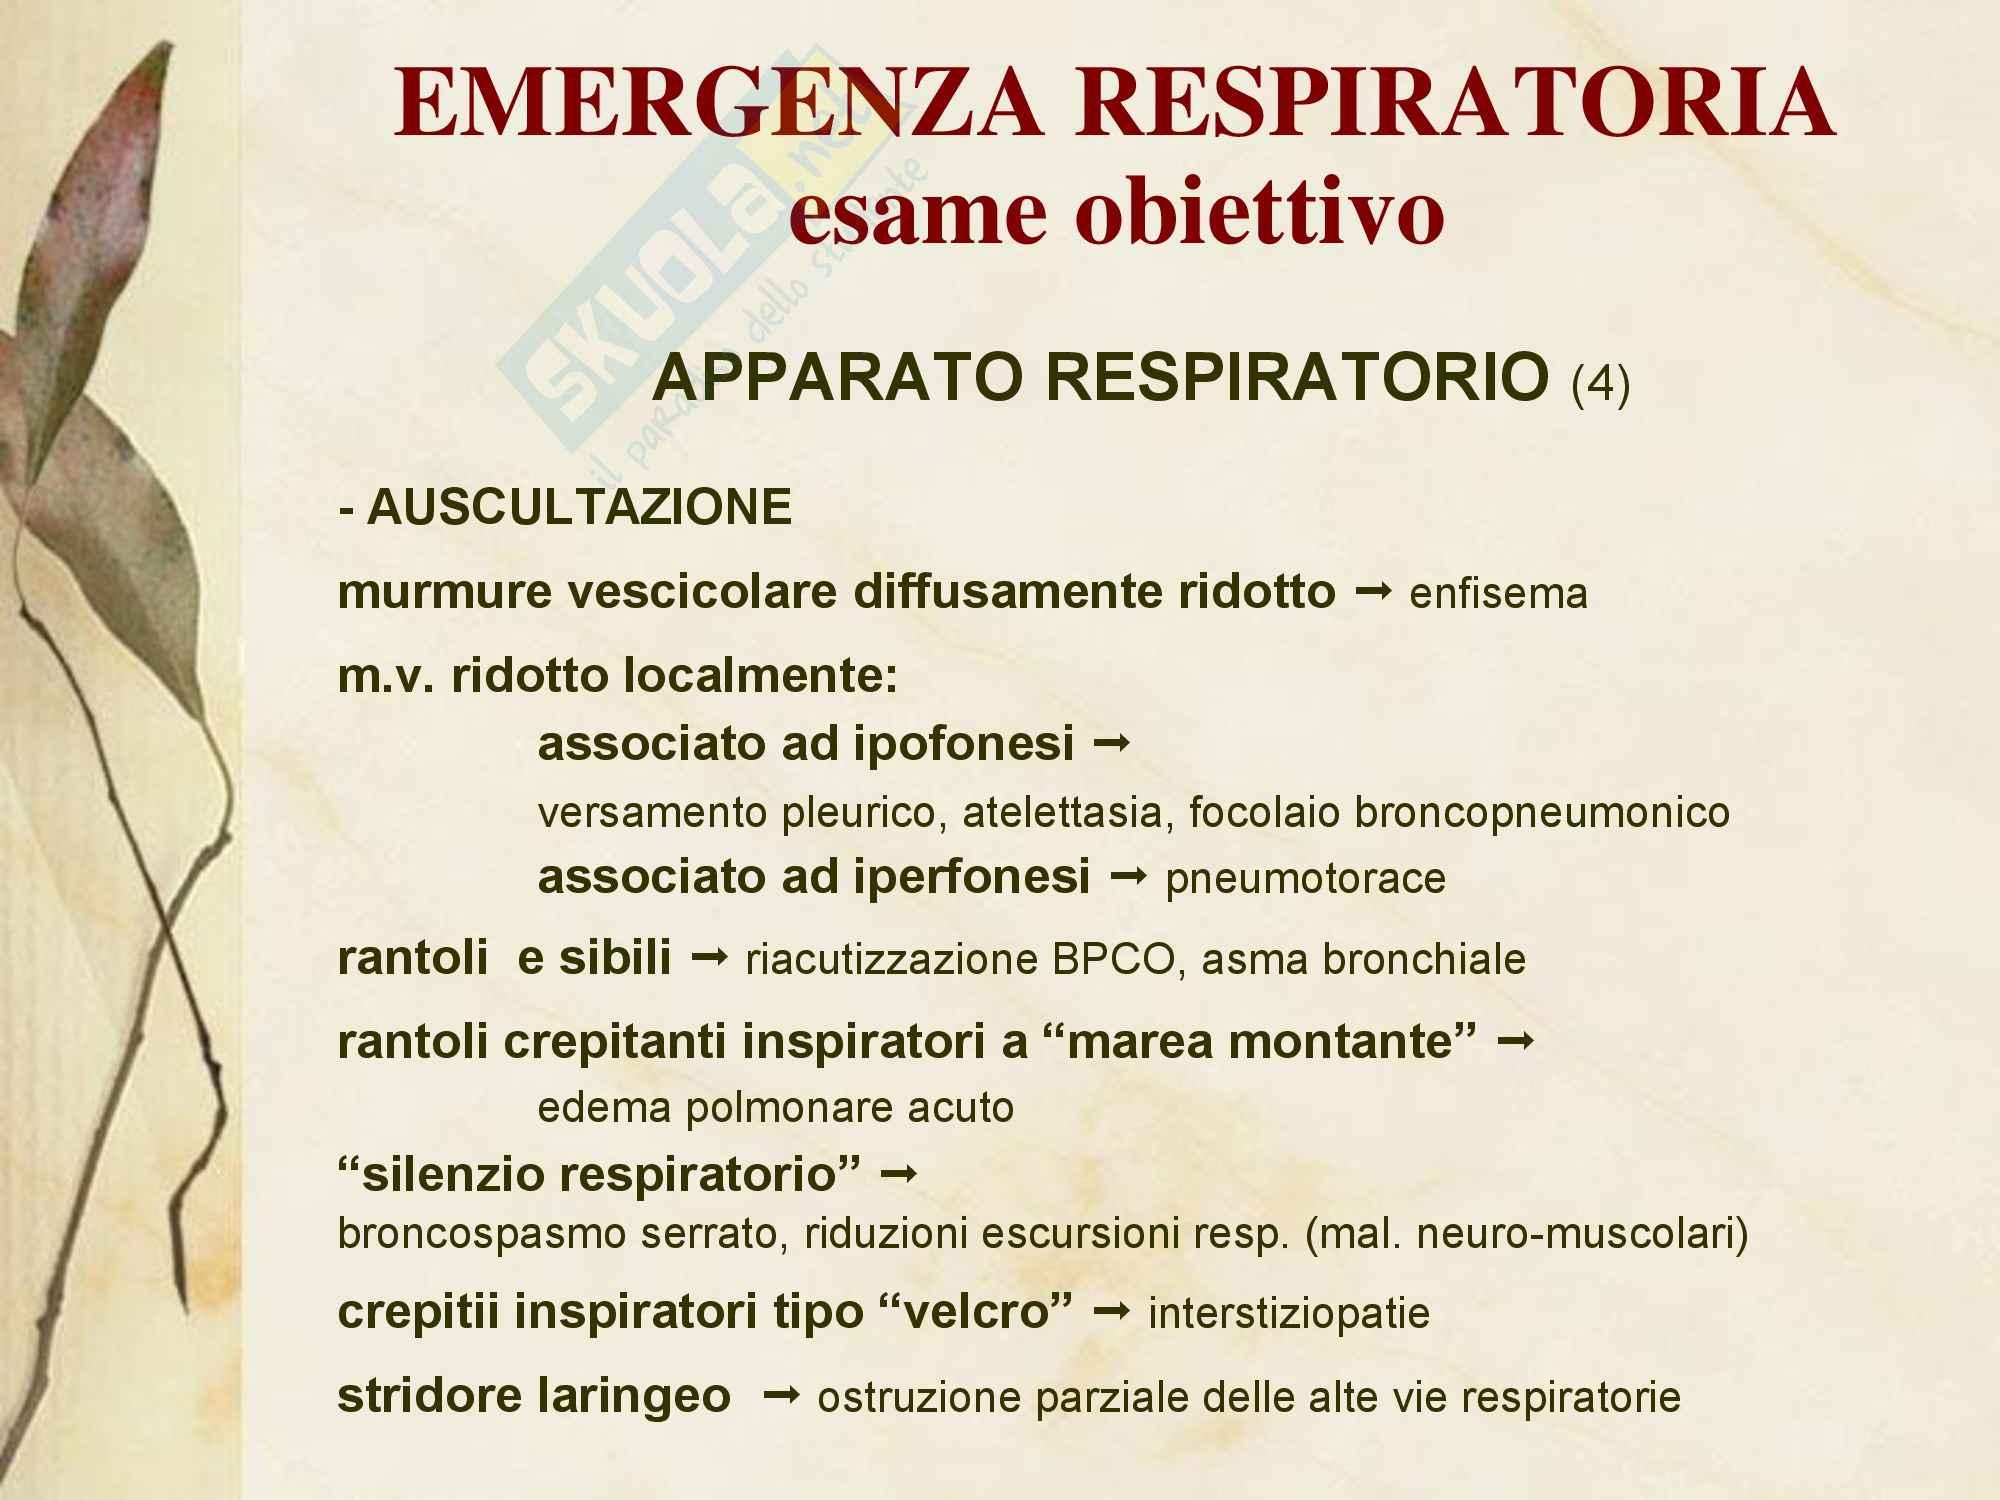 Malattie dell'apparato respiratorio - Emergenza Respiratoria Pag. 11